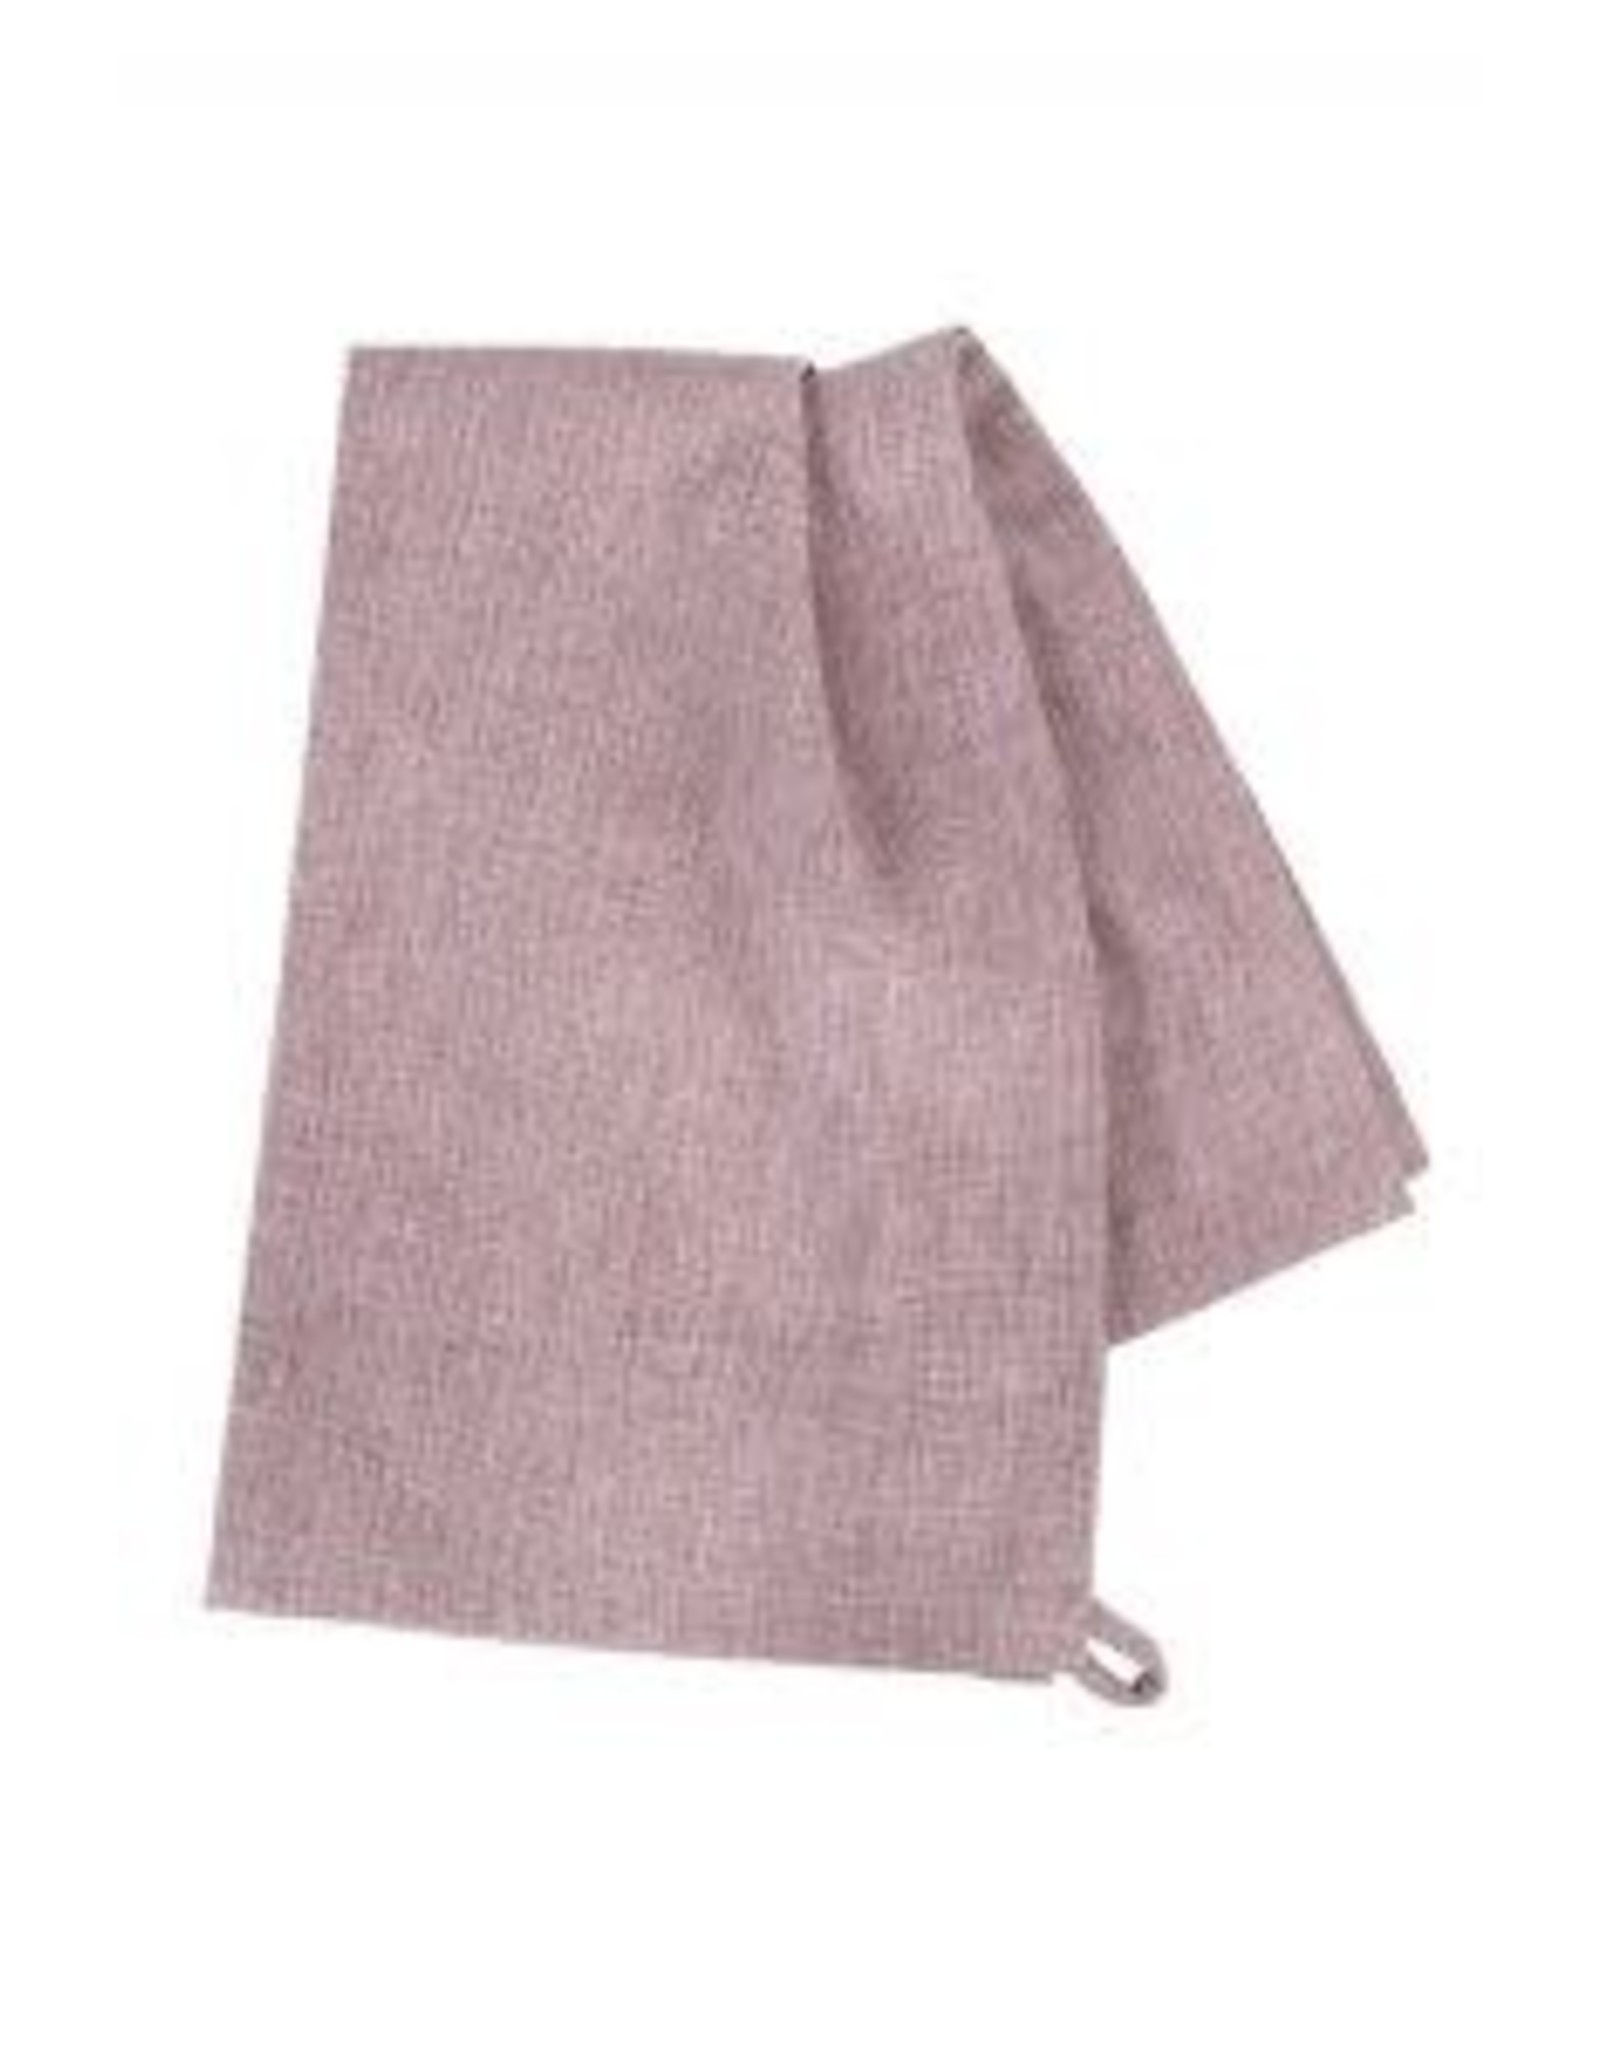 London Fog Tea Towel, Nepal